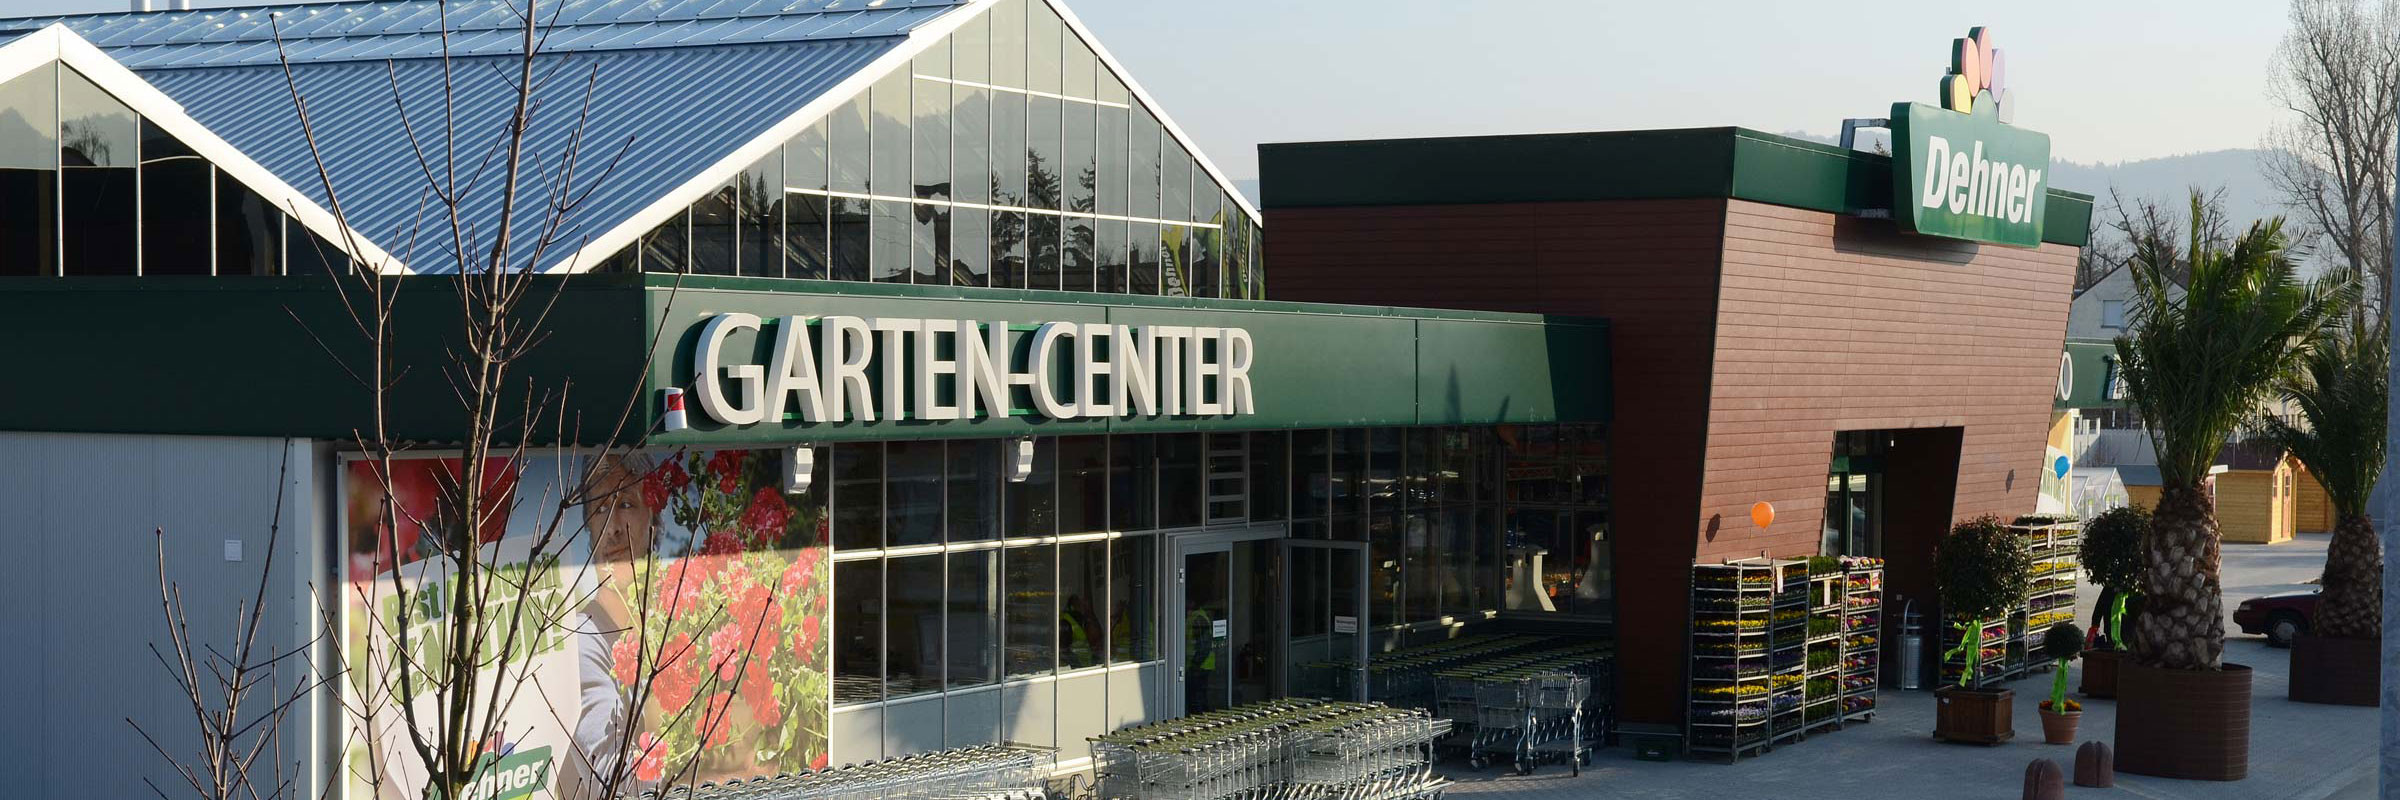 Dehner Garten Center In Heidelberg Dehner